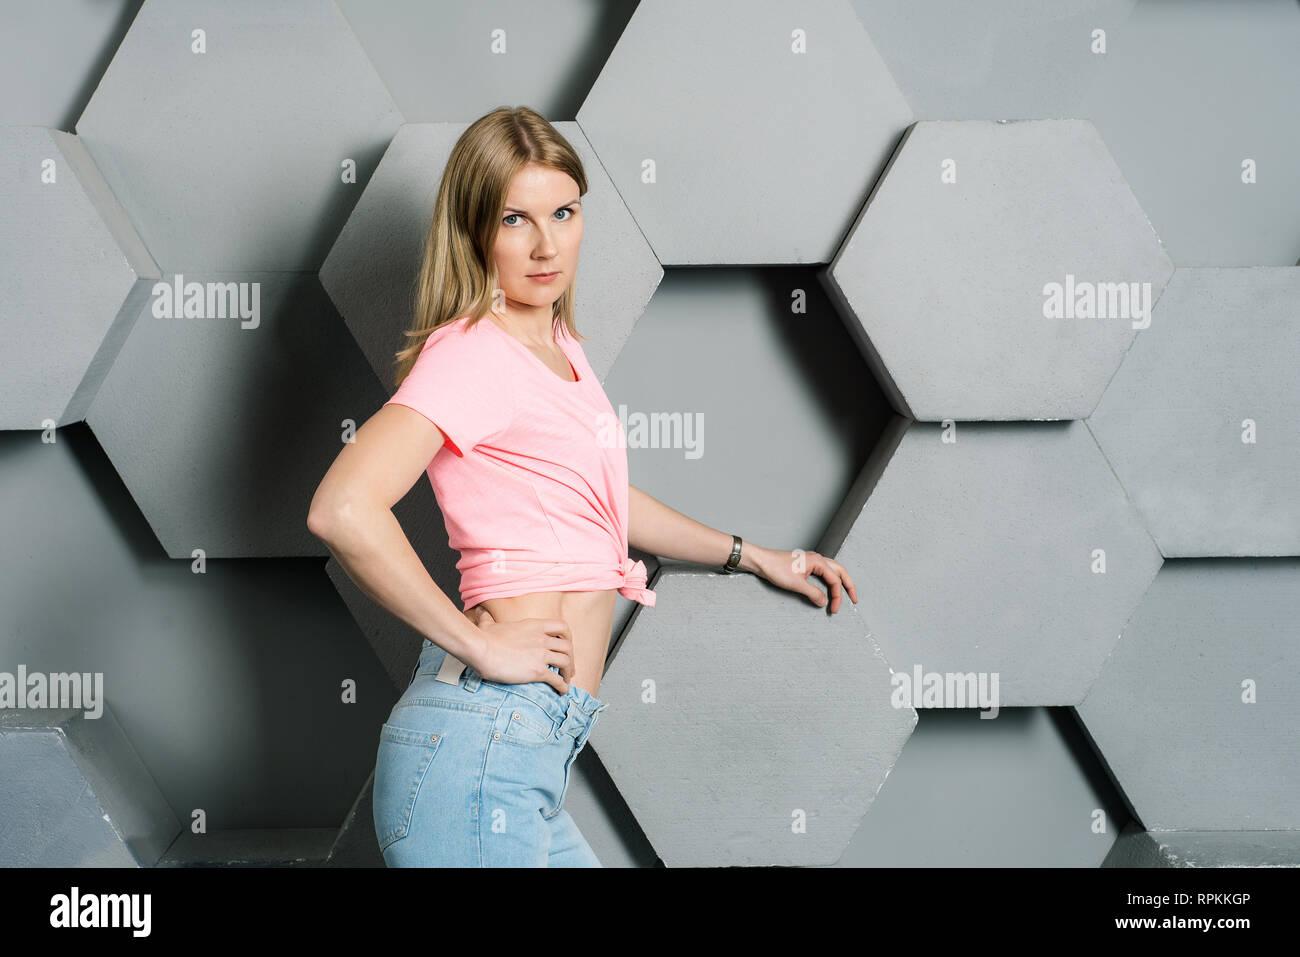 0cb735c647584 Pink Tank Top Stock Photos   Pink Tank Top Stock Images - Alamy